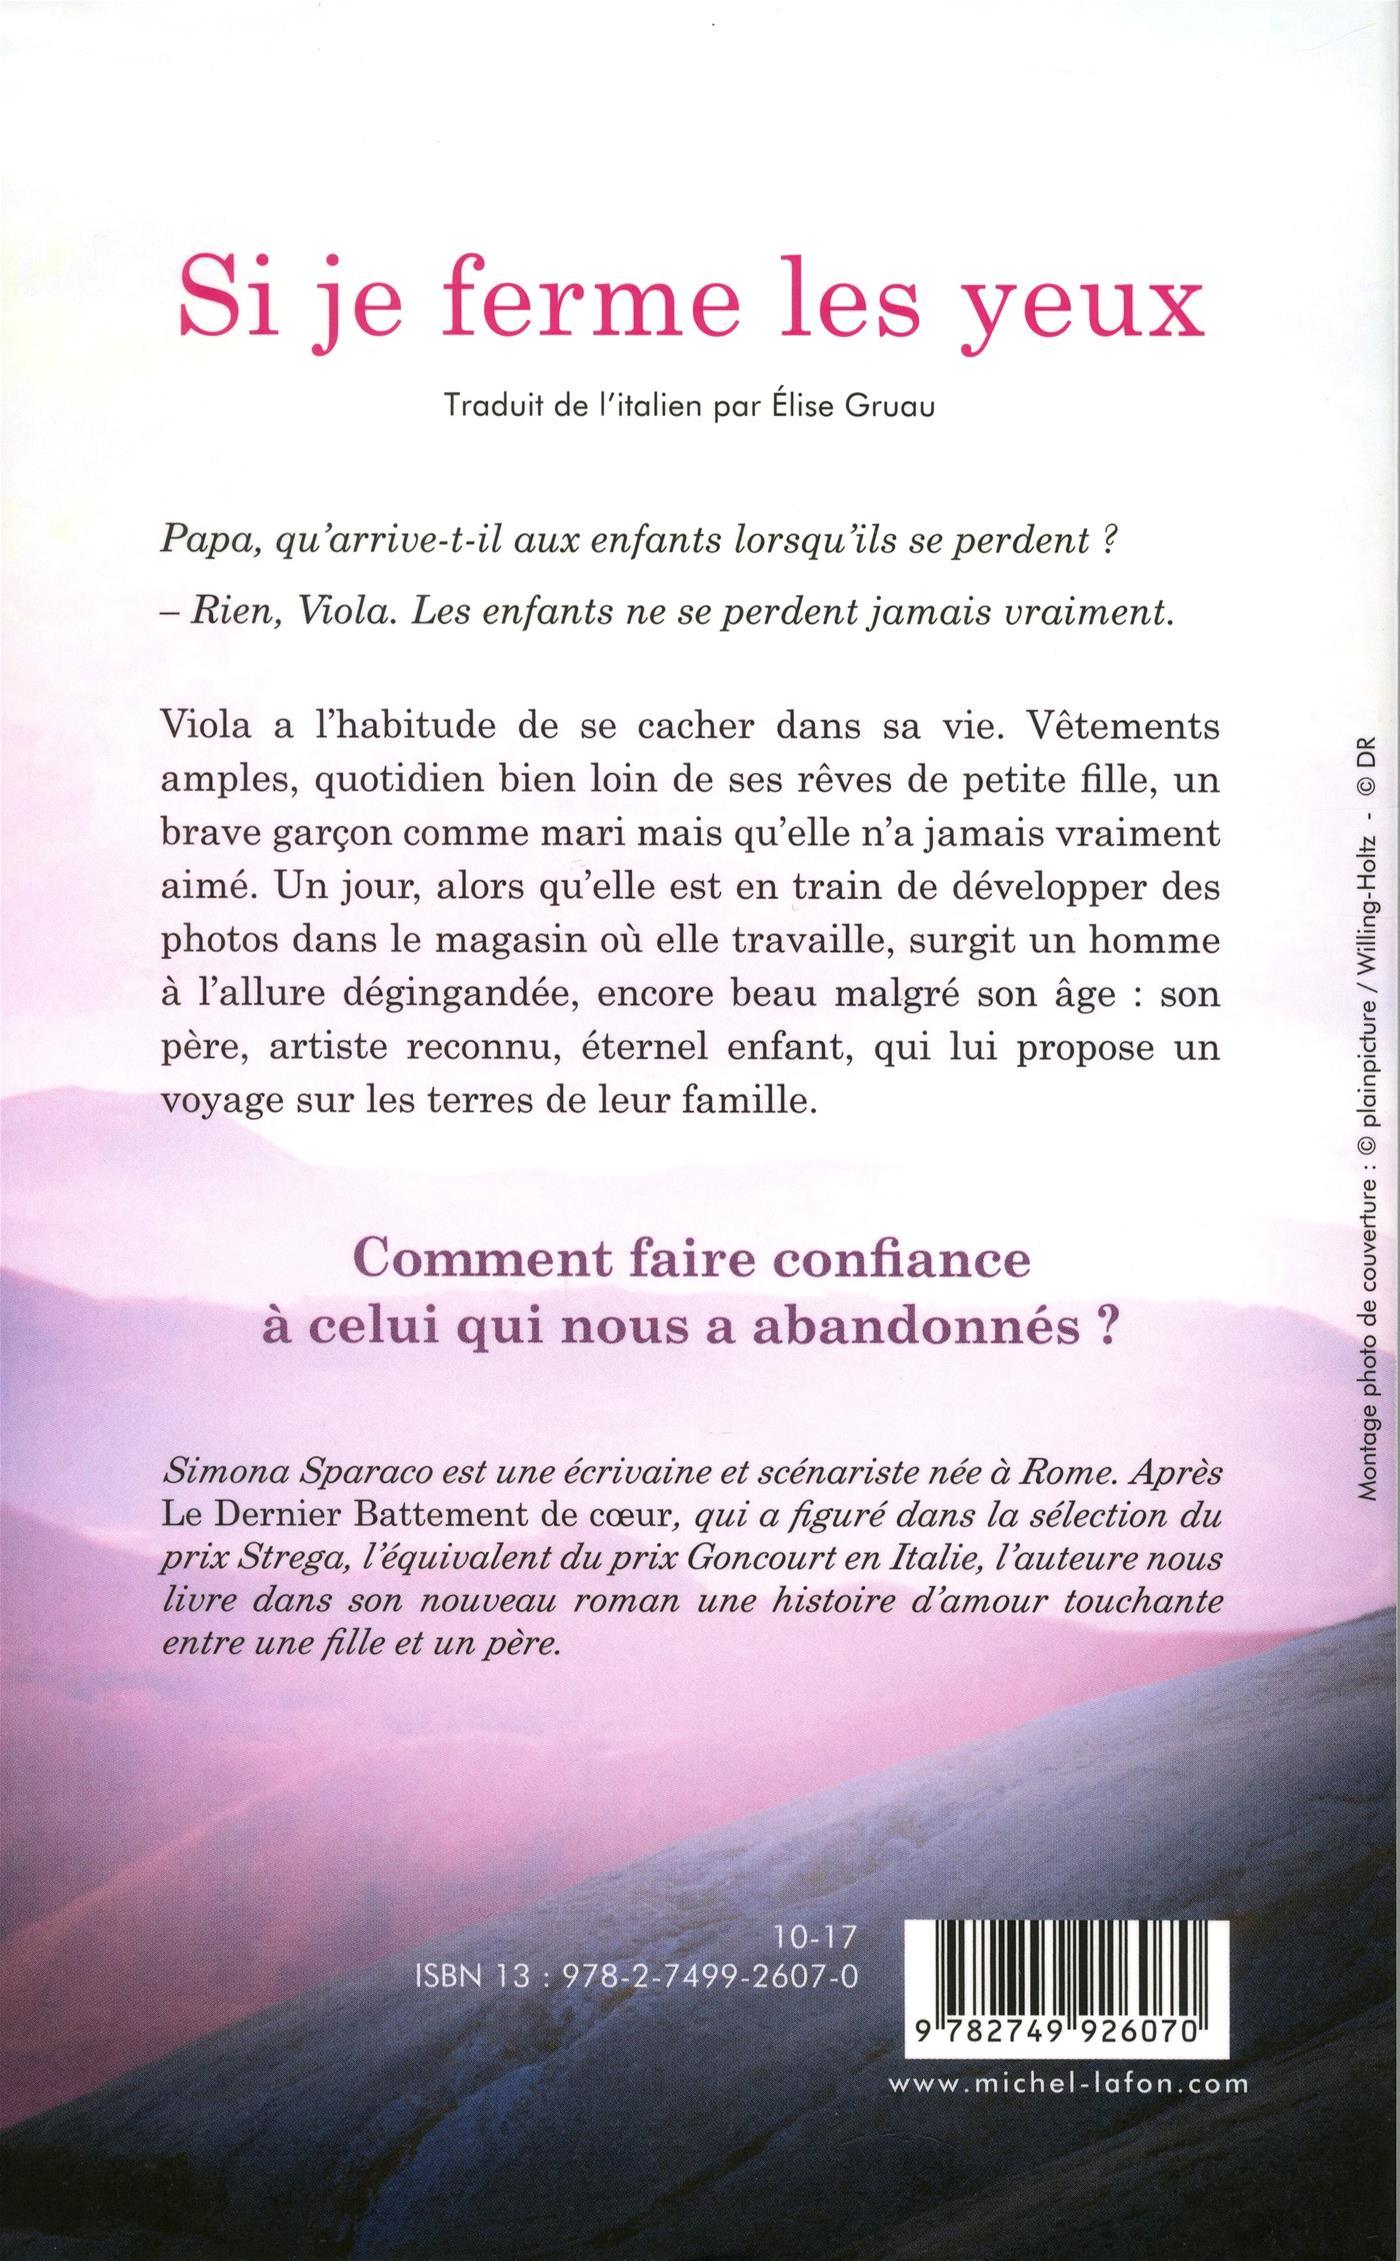 Livre Numerique Epub Si Je Ferme Les Yeux Messageries Adp